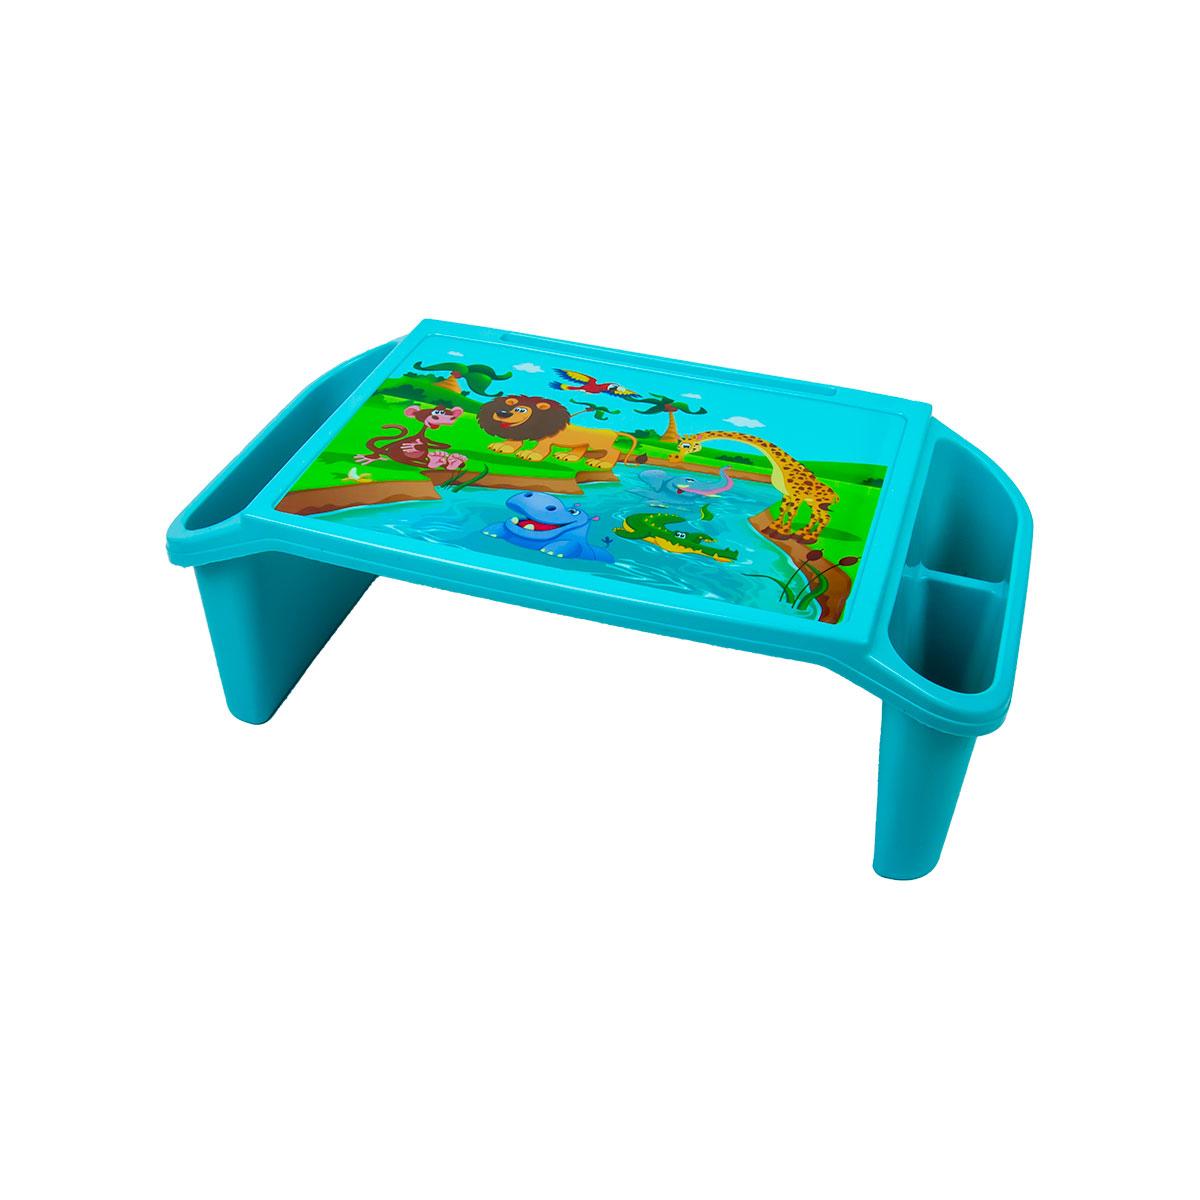 طاولة اطفال بلاستيك  مستطيل  الوان متعددة رقم 02800733